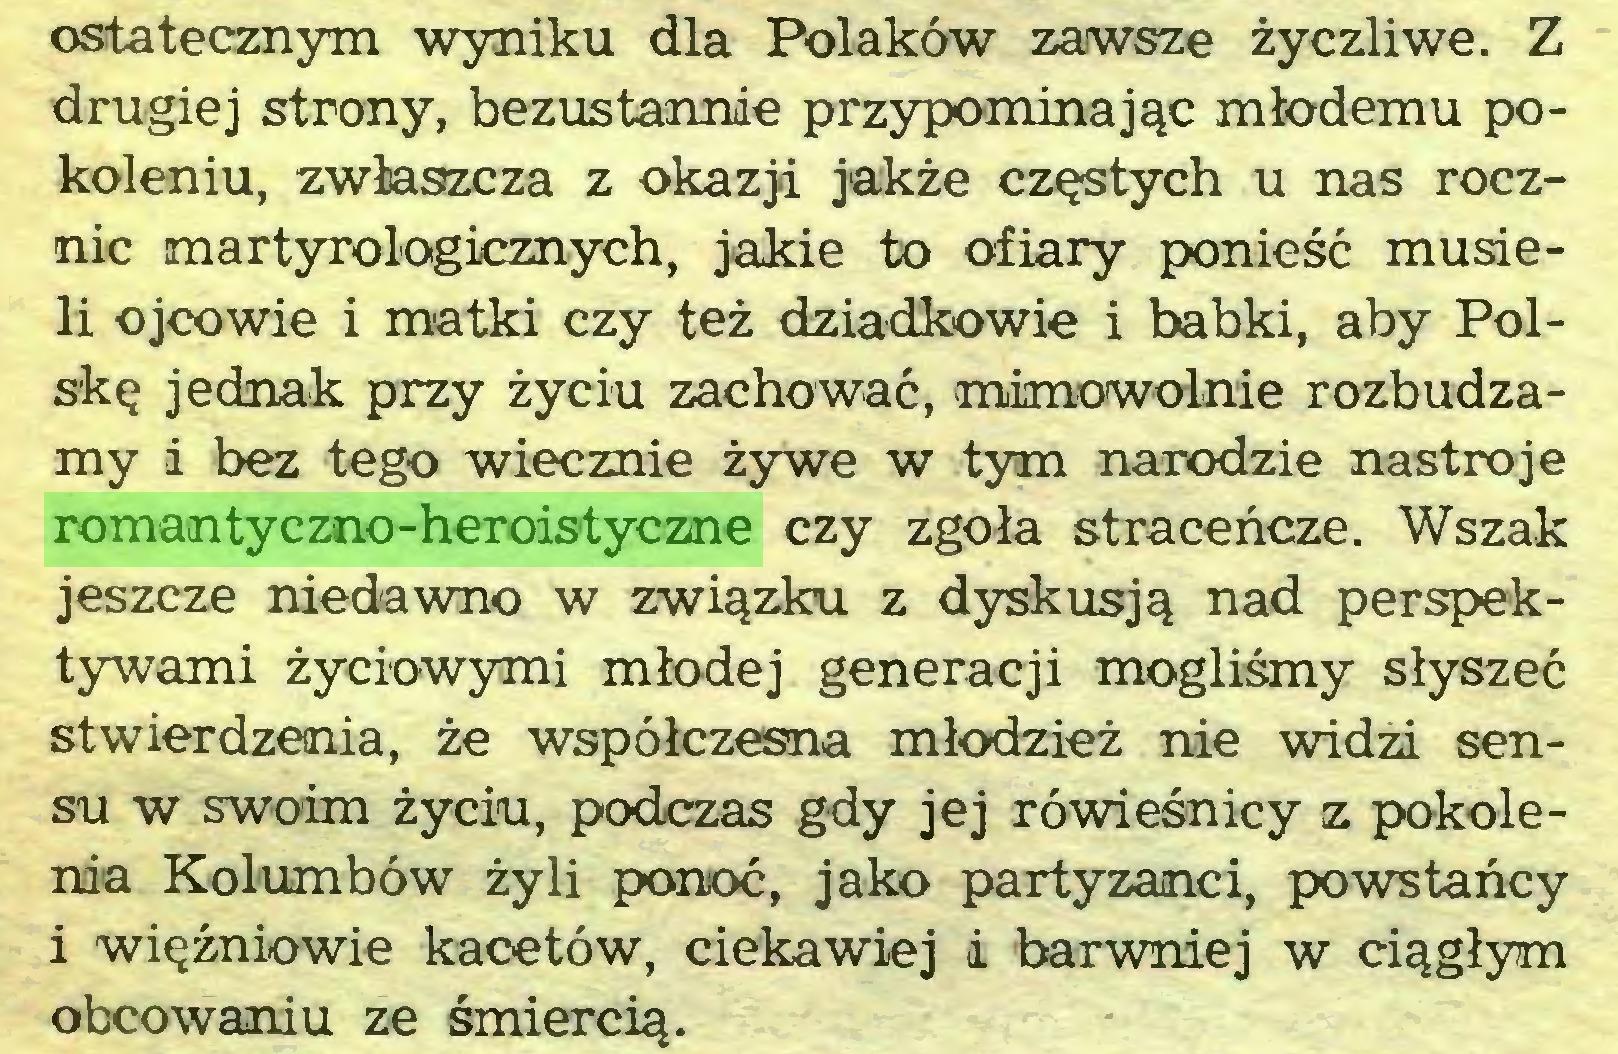 (...) ostatecznym wyniku dla Polaków zawsze życzliwe. Z drugiej strony, bezustannie przypominając młodemu pokoleniu, zwłaszcza z okazji jakże częstych u nas rocznic martyrologicznych, jakie to ofiary ponieść musieli ojcowie i matki czy też dziadkowie i babki, aby Polskę jednak przy życiu zachować, mimowolnie rozbudzamy i bez tego wiecznie żywe w tym narodzie nastroje romantyczno-heroistyczne czy zgoła straceńcze. Wszak jeszcze niedawno w związku z dyskusją nad perspektywami życiowymi młodej generacji mogliśmy słyszeć stwierdzenia, że współczesna młodzież nie widzi sensu w swoim życiu, podczas gdy jej rówieśnicy z pokolenia Kolumbów żyli ponoć, jako partyzanci, powstańcy i więźniowie kacetów, ciekawiej i barwniej w ciągłym obcowaniu ze śmiercią...